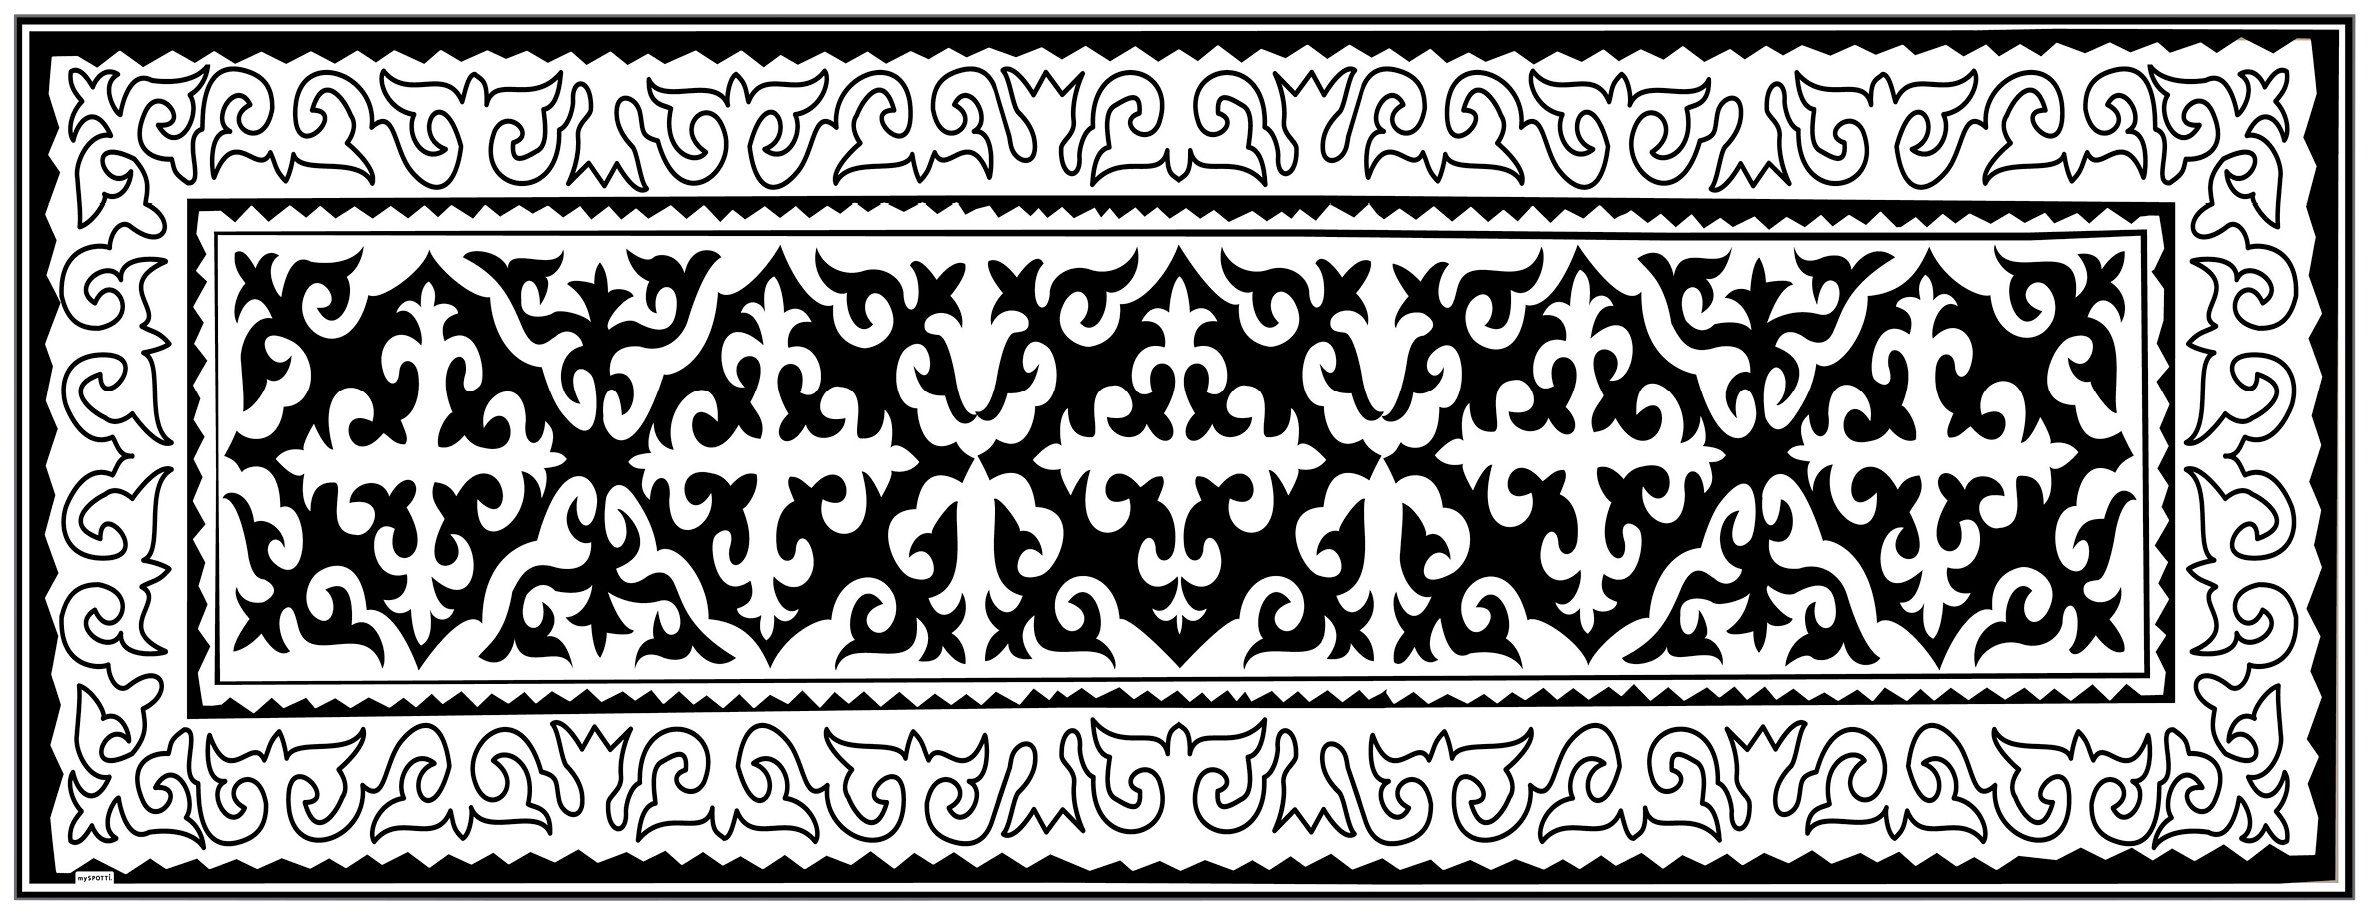 MYSPOTTI Vinylteppich »mySPOTTI buddy Nimani«, 180 x 68 cm, statisch haftend